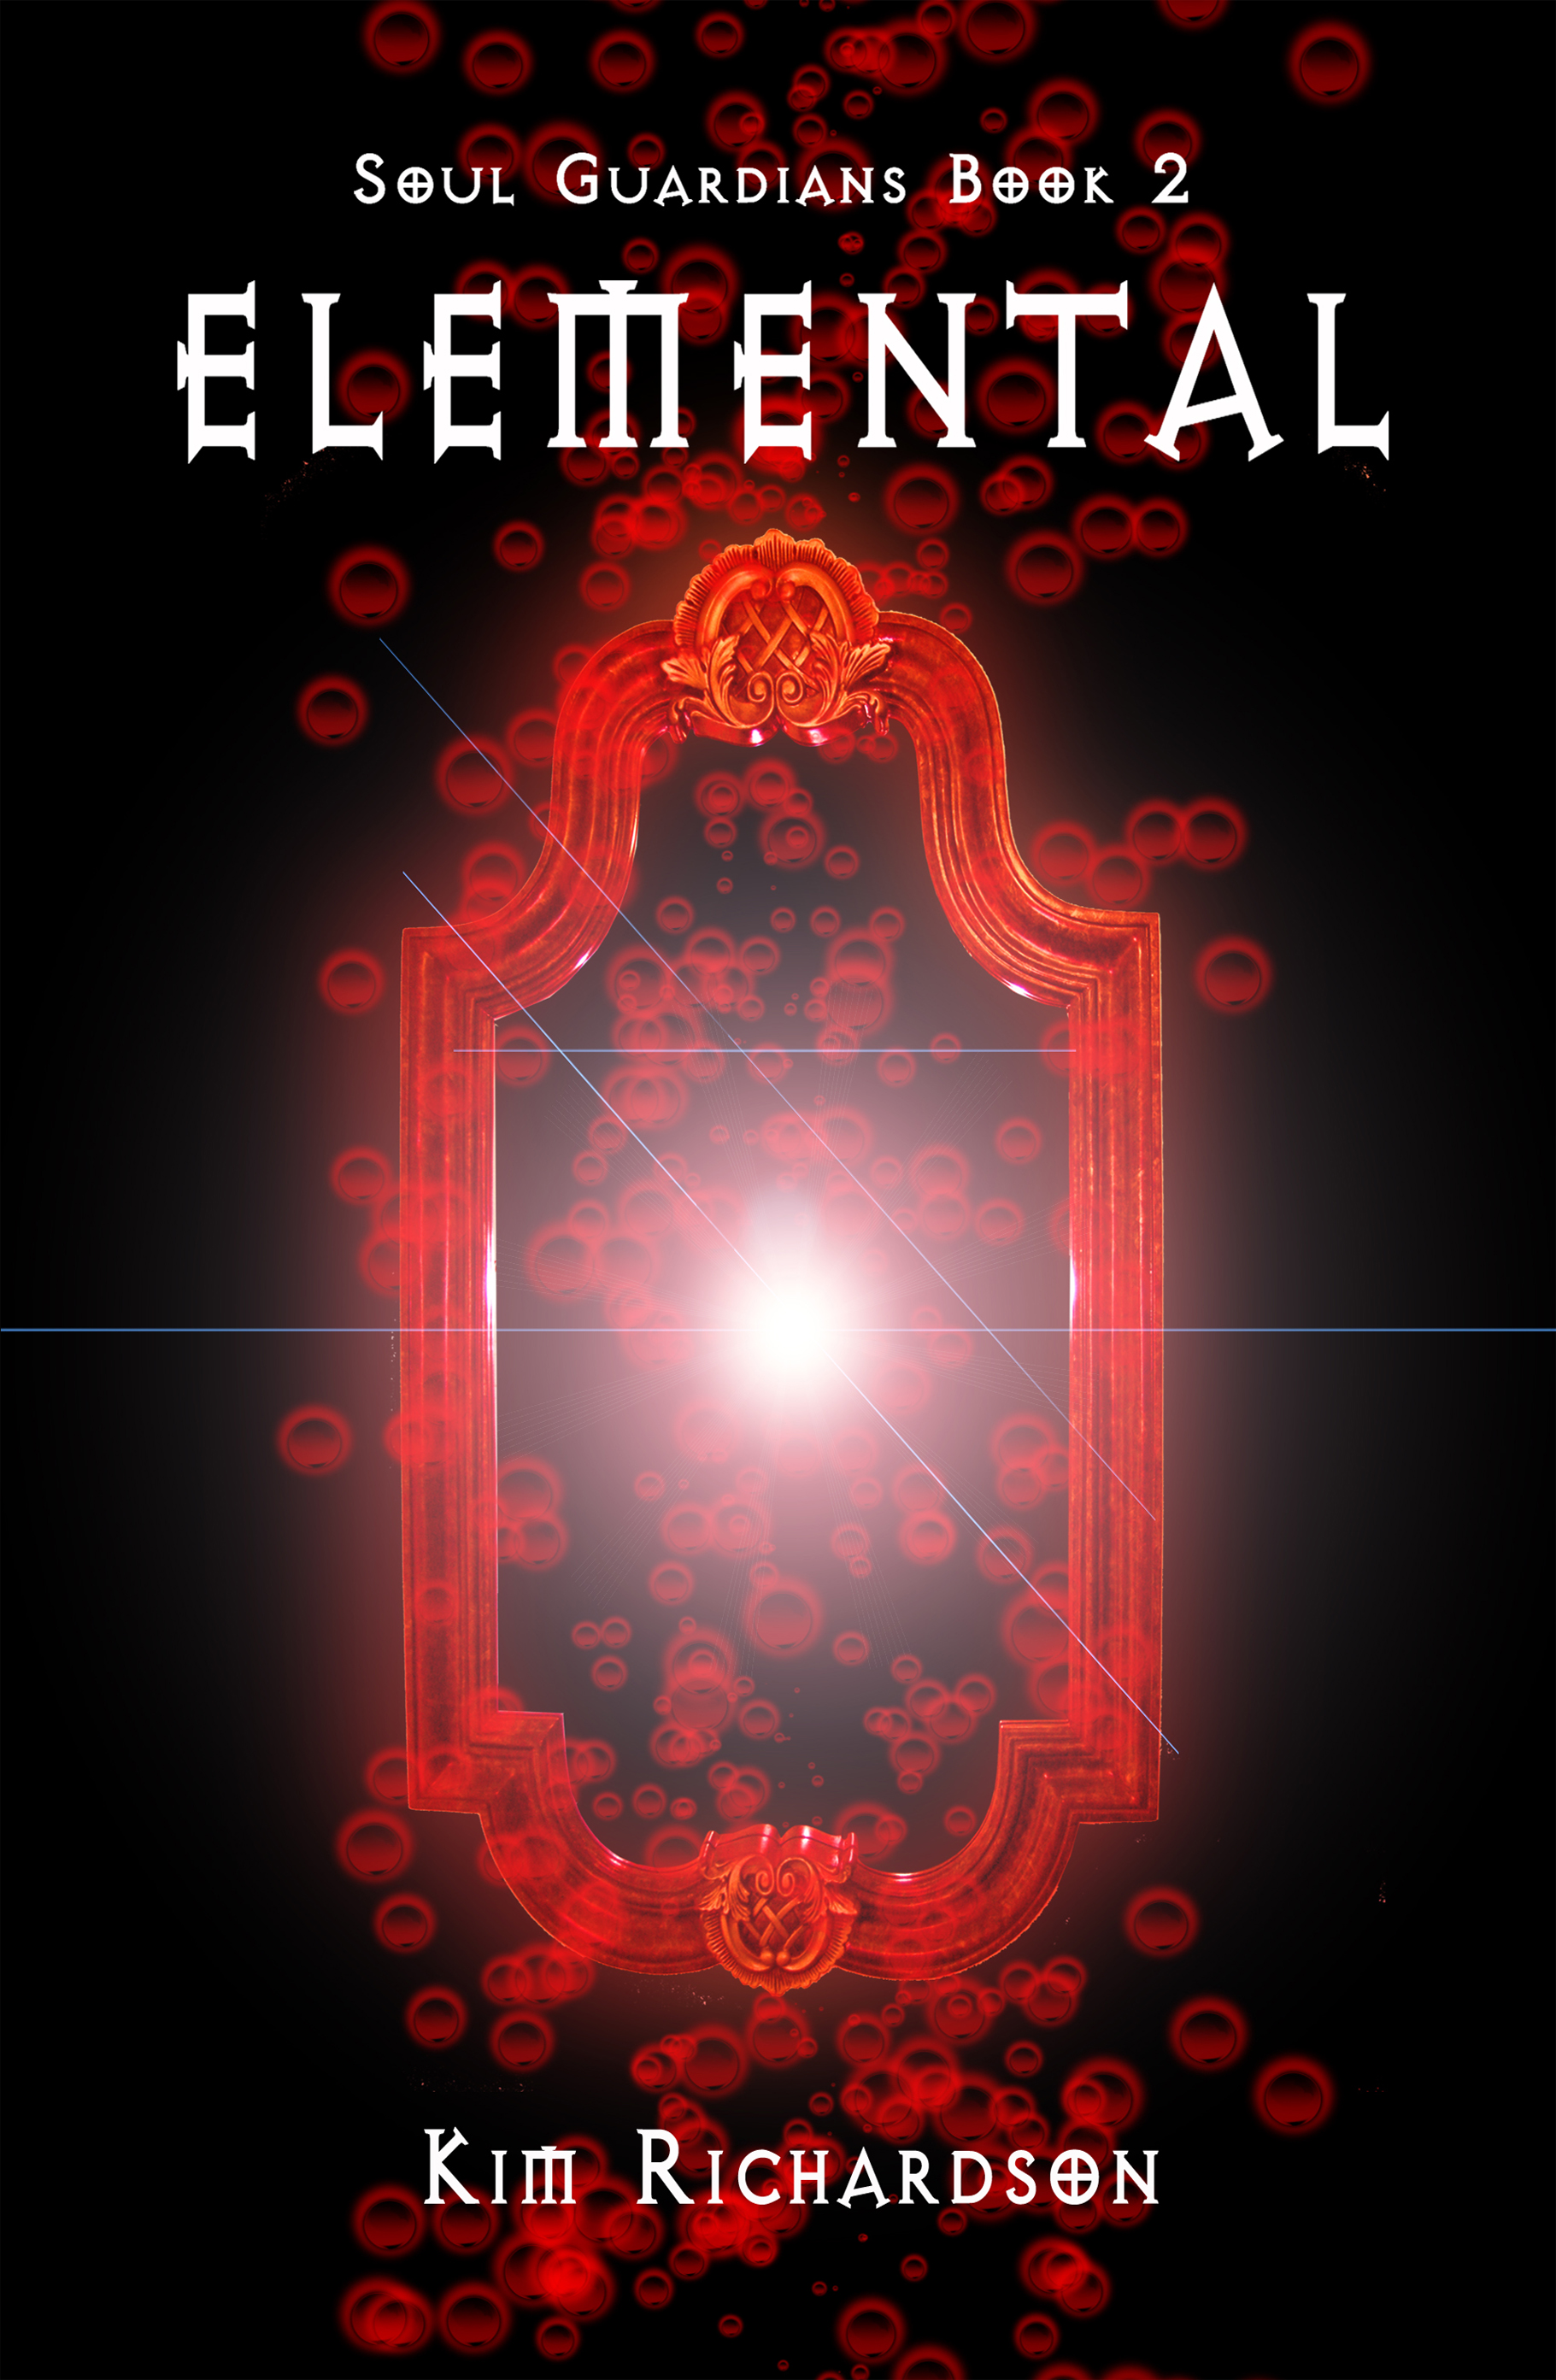 Elemental, Soul Guardians Book 2